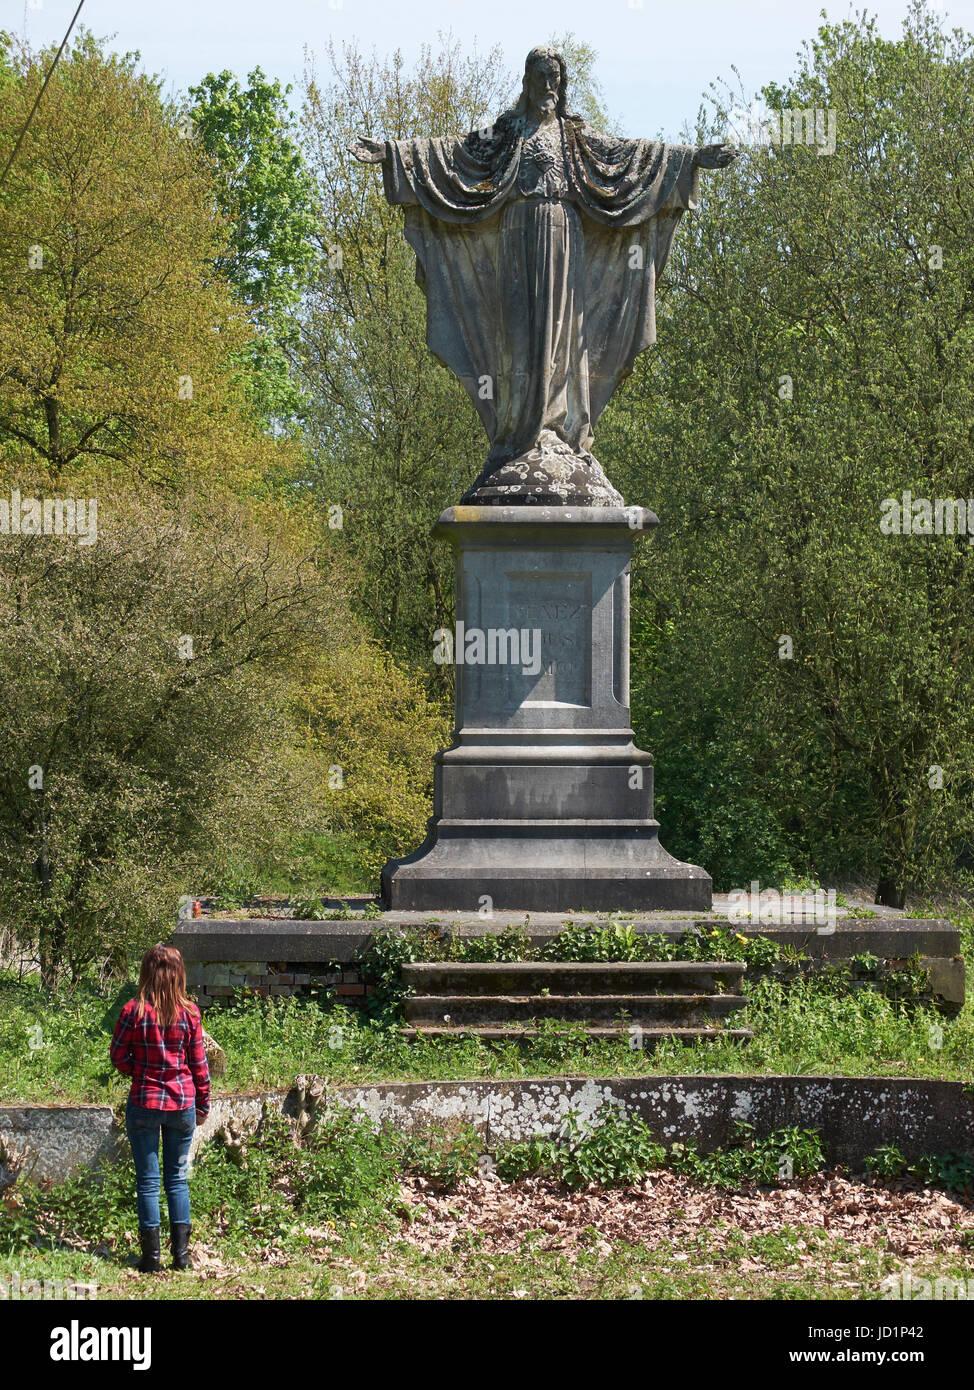 Mädchen gehen vor einer Statue von Jesus Christus in einem verlassenen Park. Stockbild